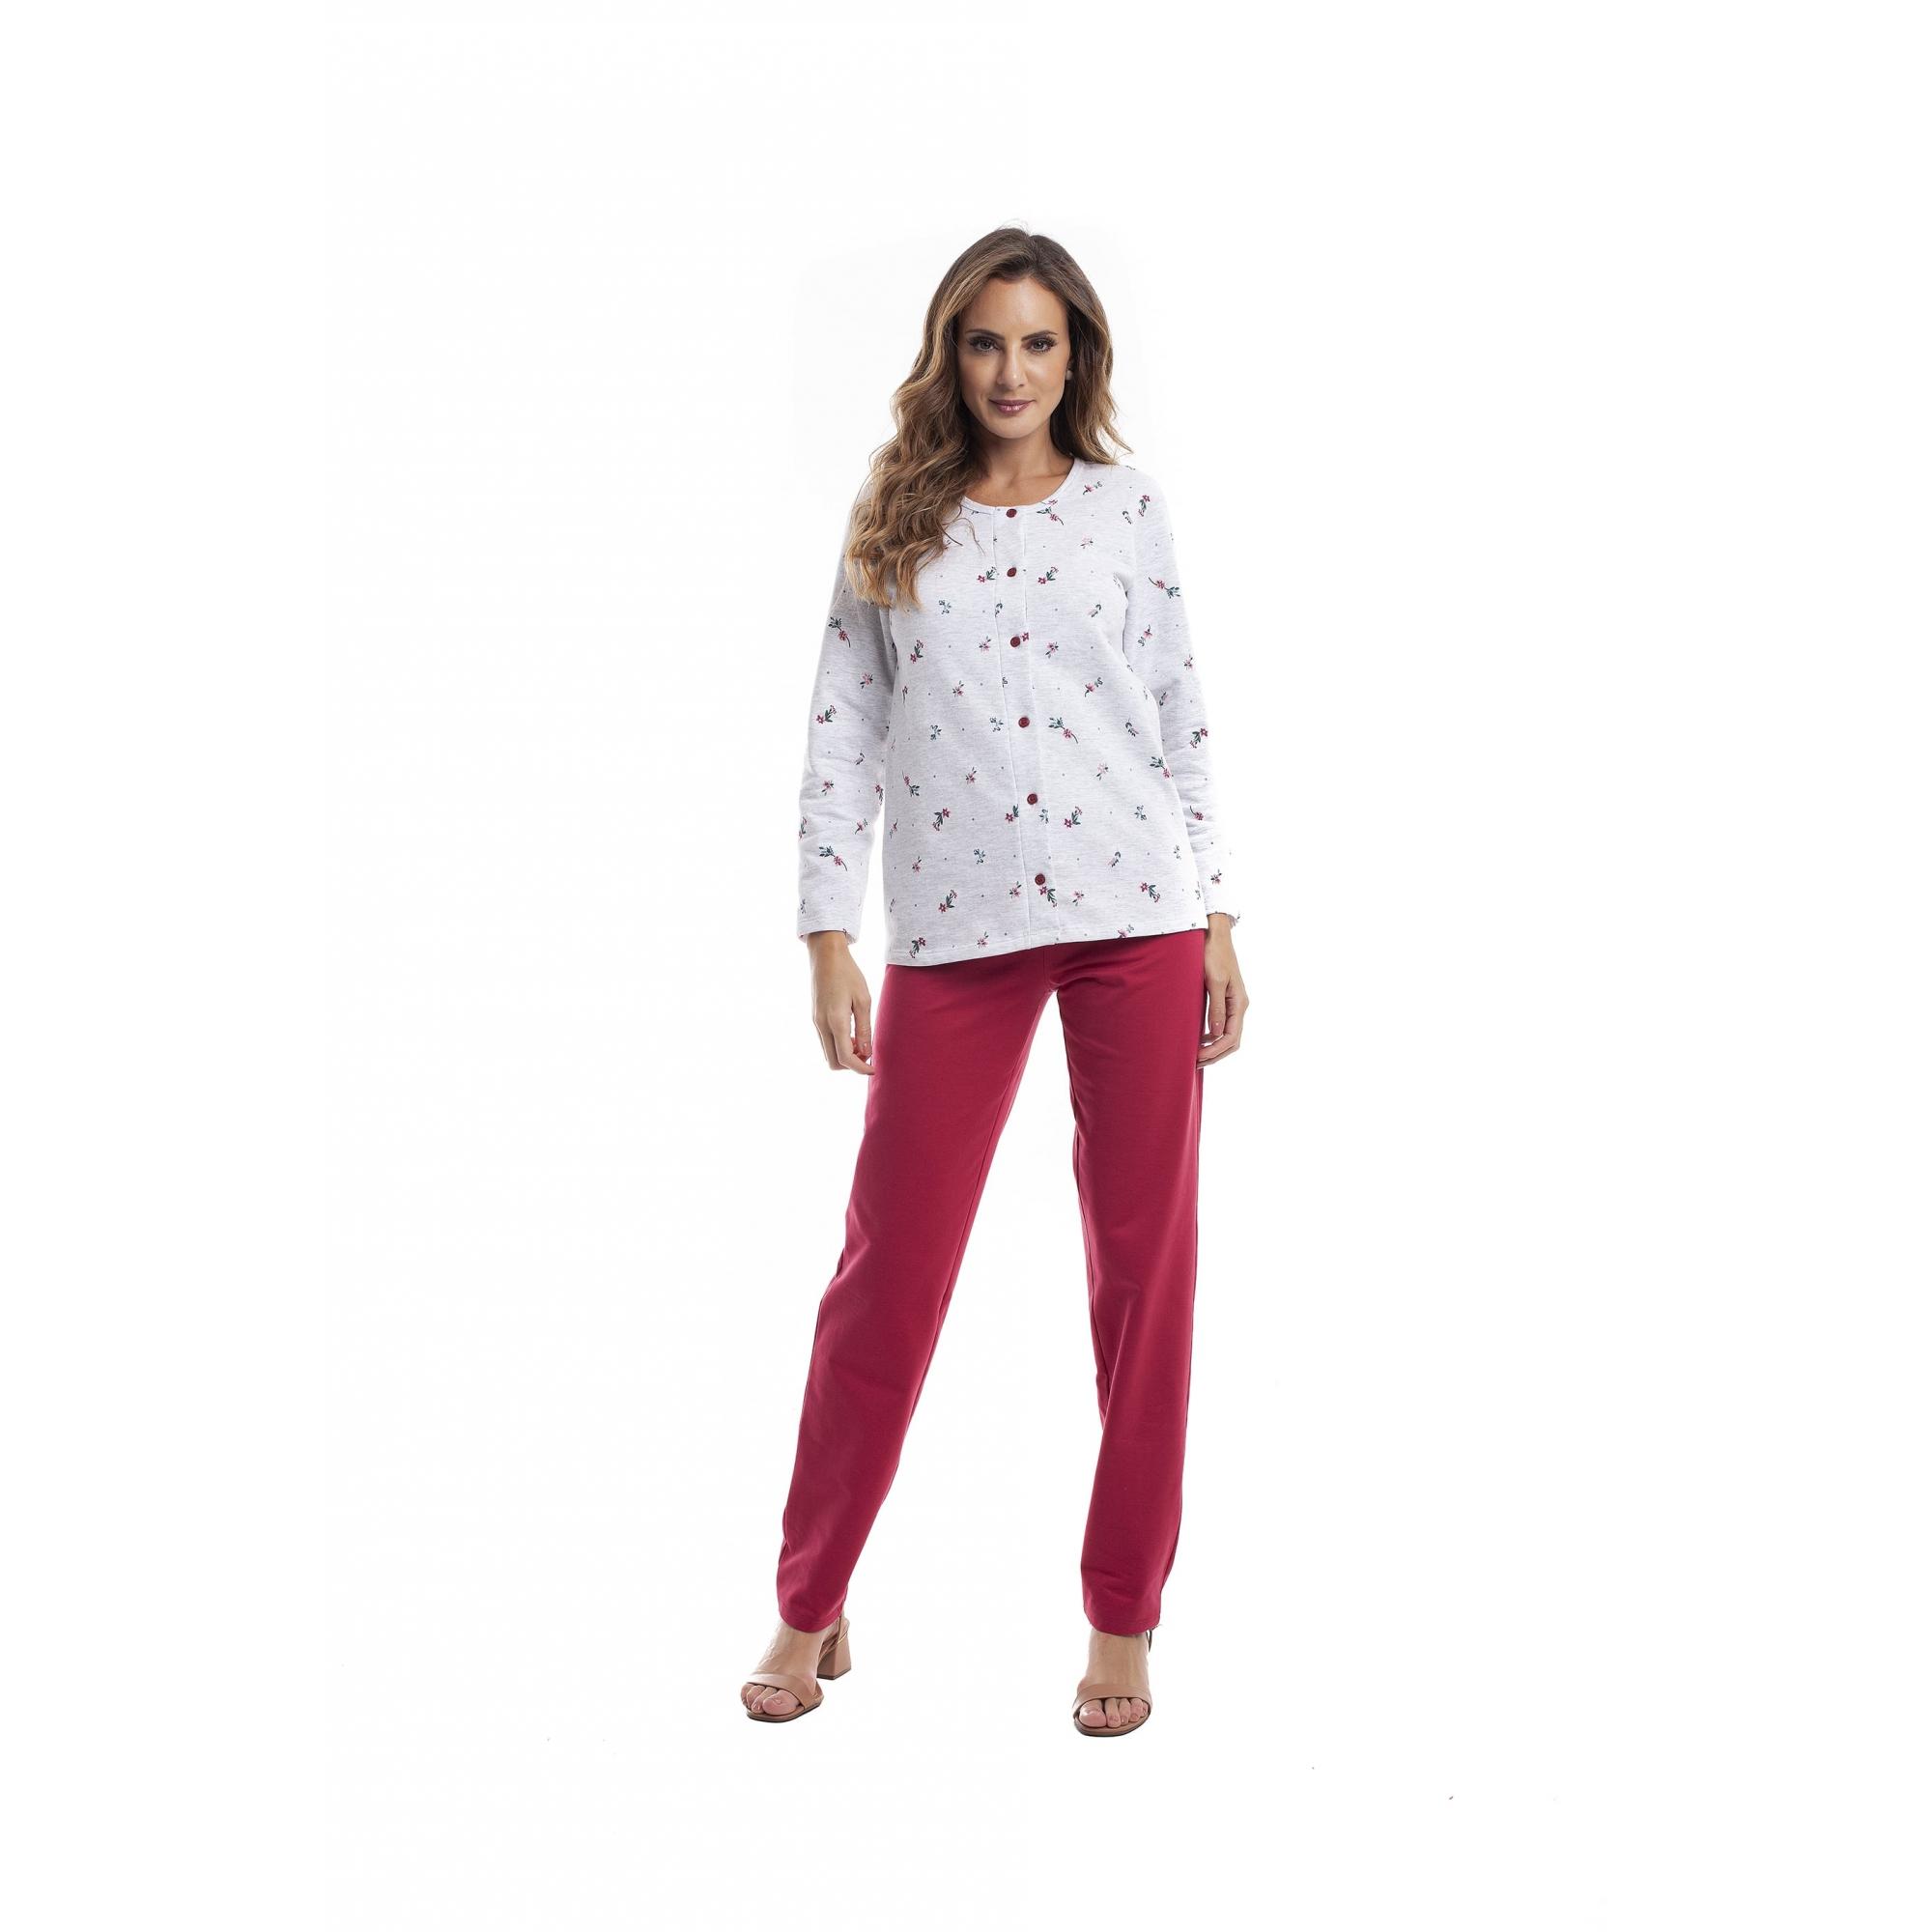 Pijama Feminino Adulto Paulienne Aberto em Algodão Flanelado Floral Vermelho 23065